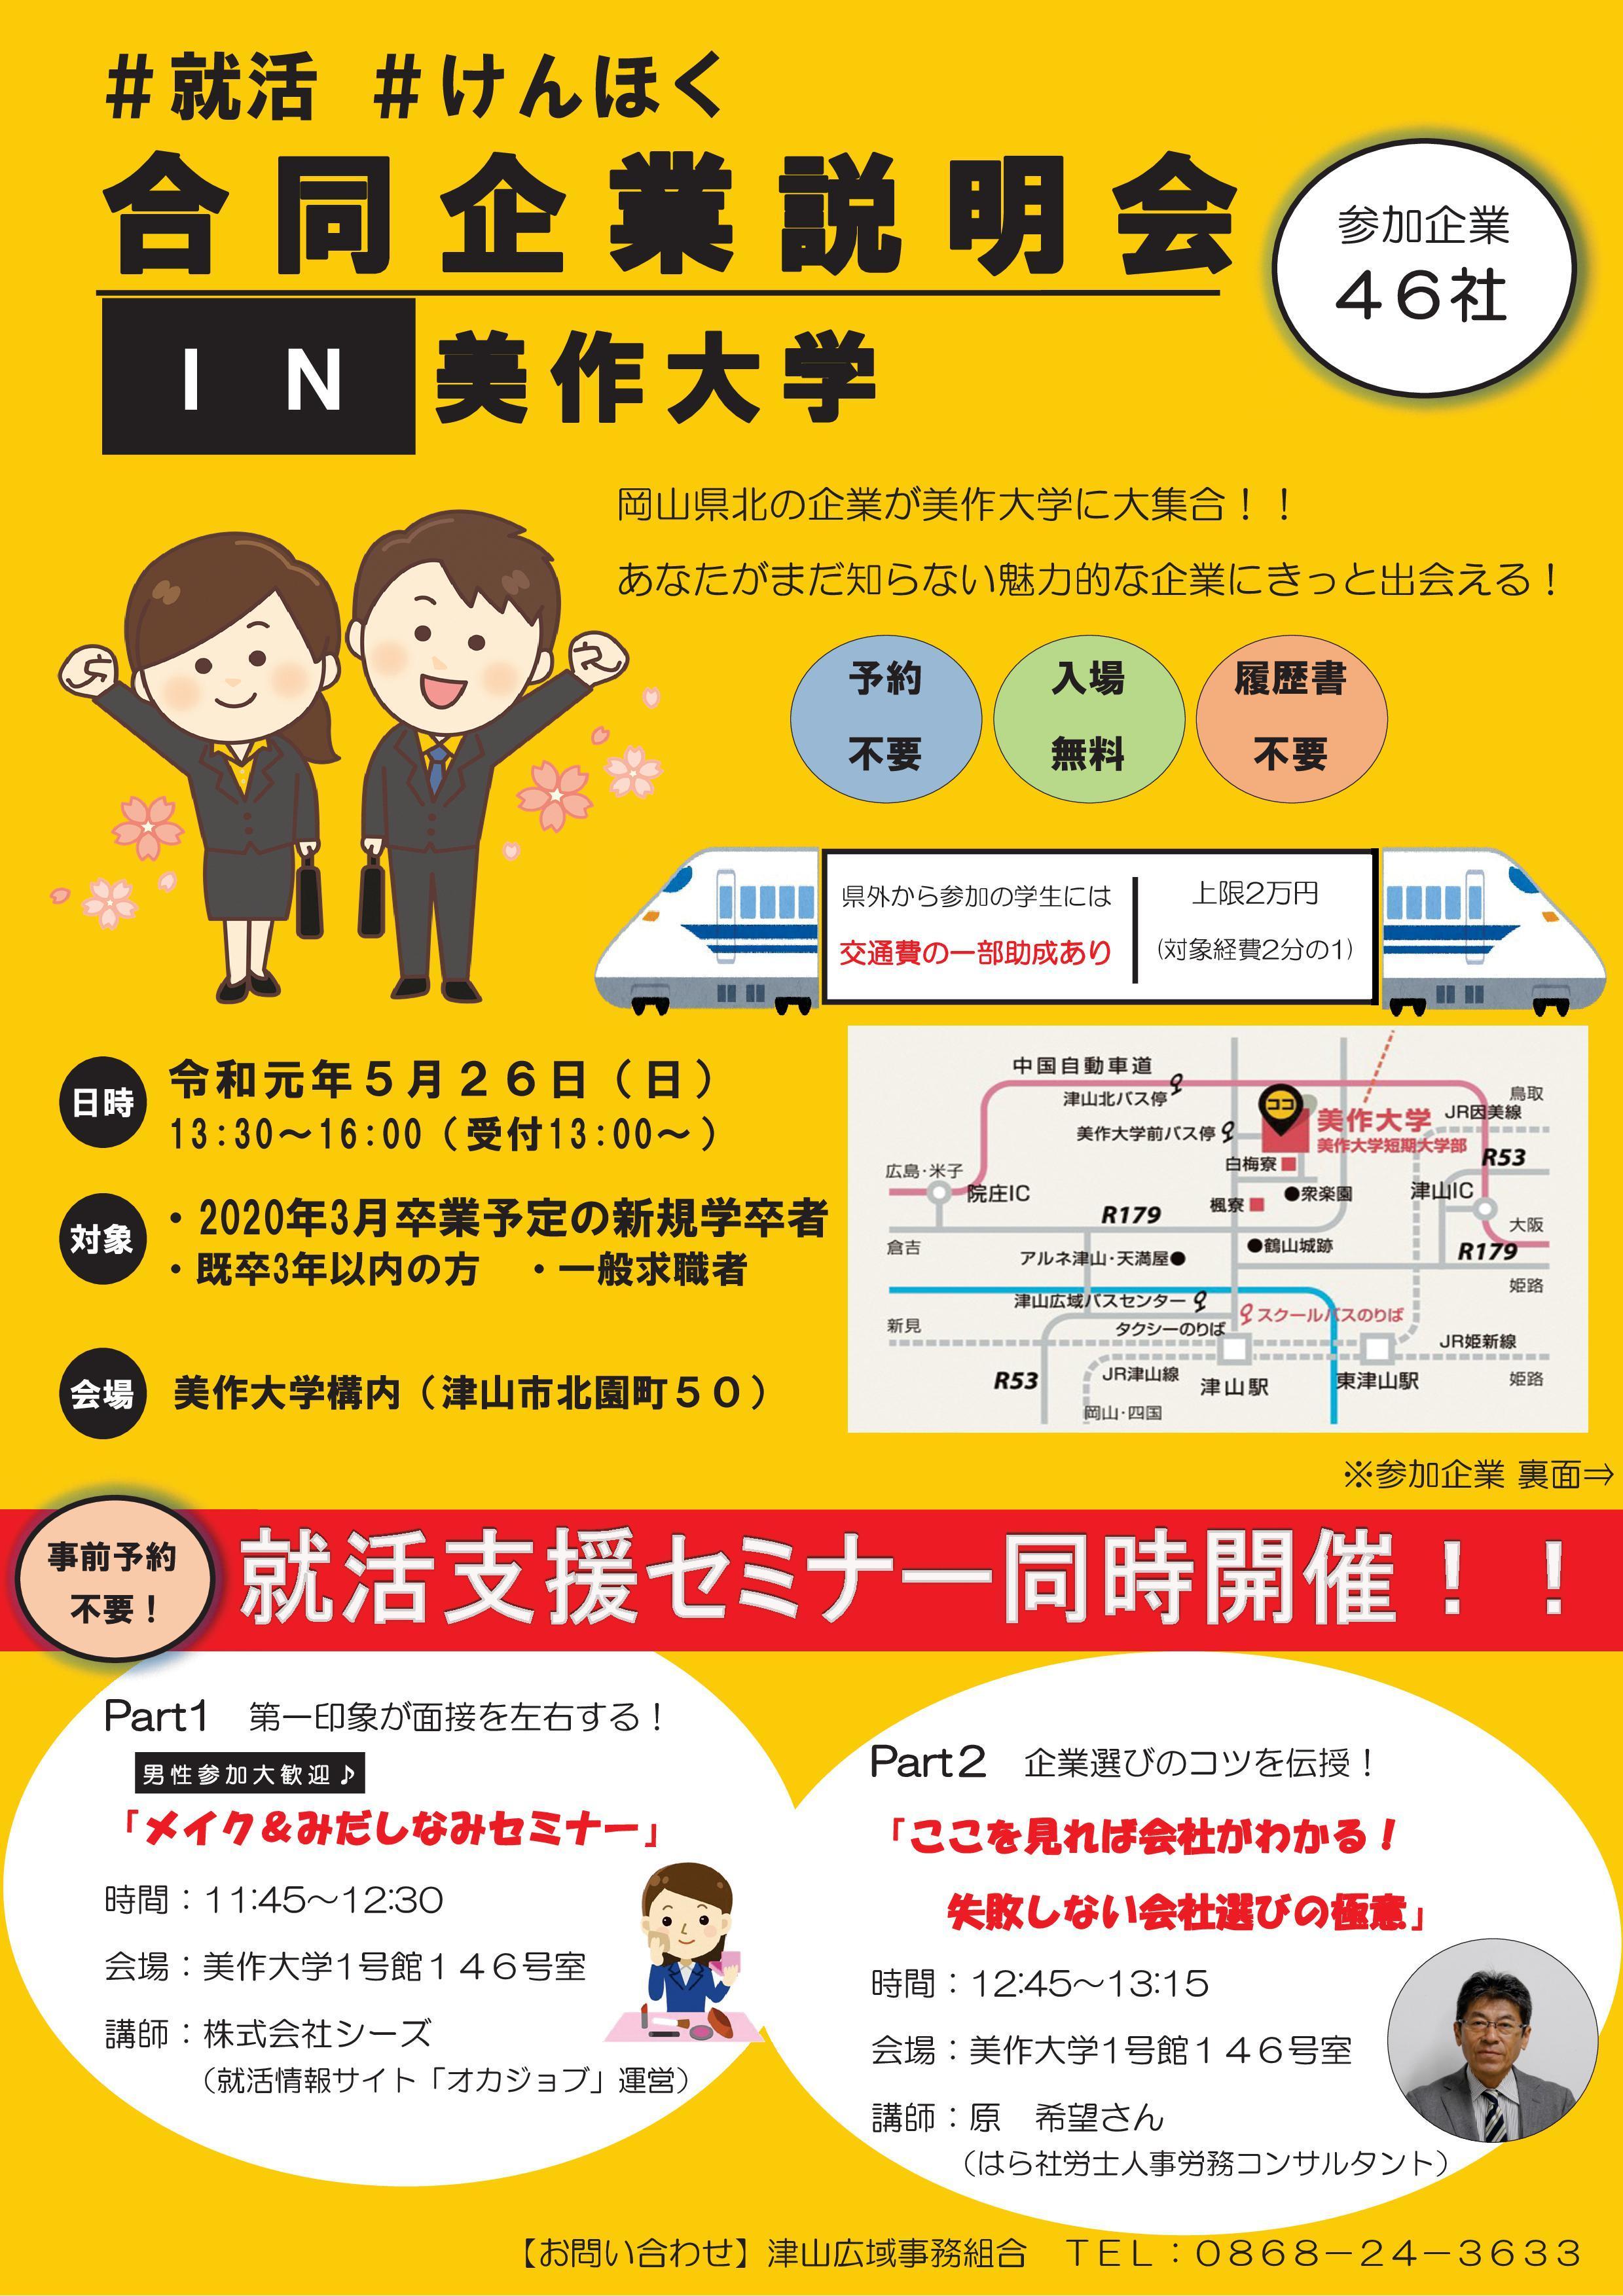 2019年5月26日(日)開催 合同企業説明会in美作大学のお知らせ